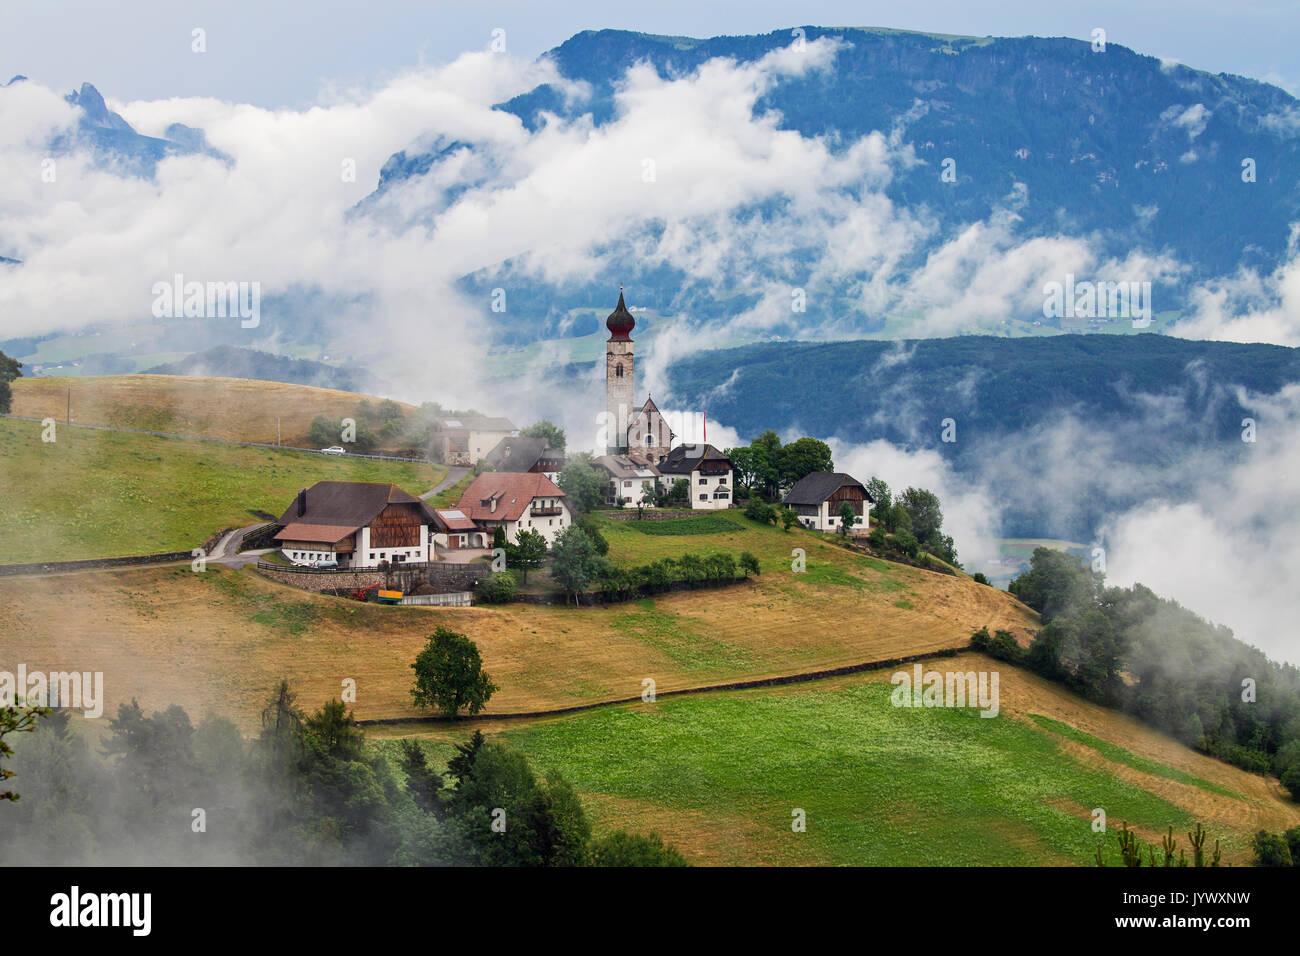 MONTE di Mezzo, Italia - 25 de junio de 2017: el pueblo de Monte di Mezzo con St Nikolaus Iglesia; situado en los Dolomitas, cerca de pirámides de tierra de Renon Imagen De Stock